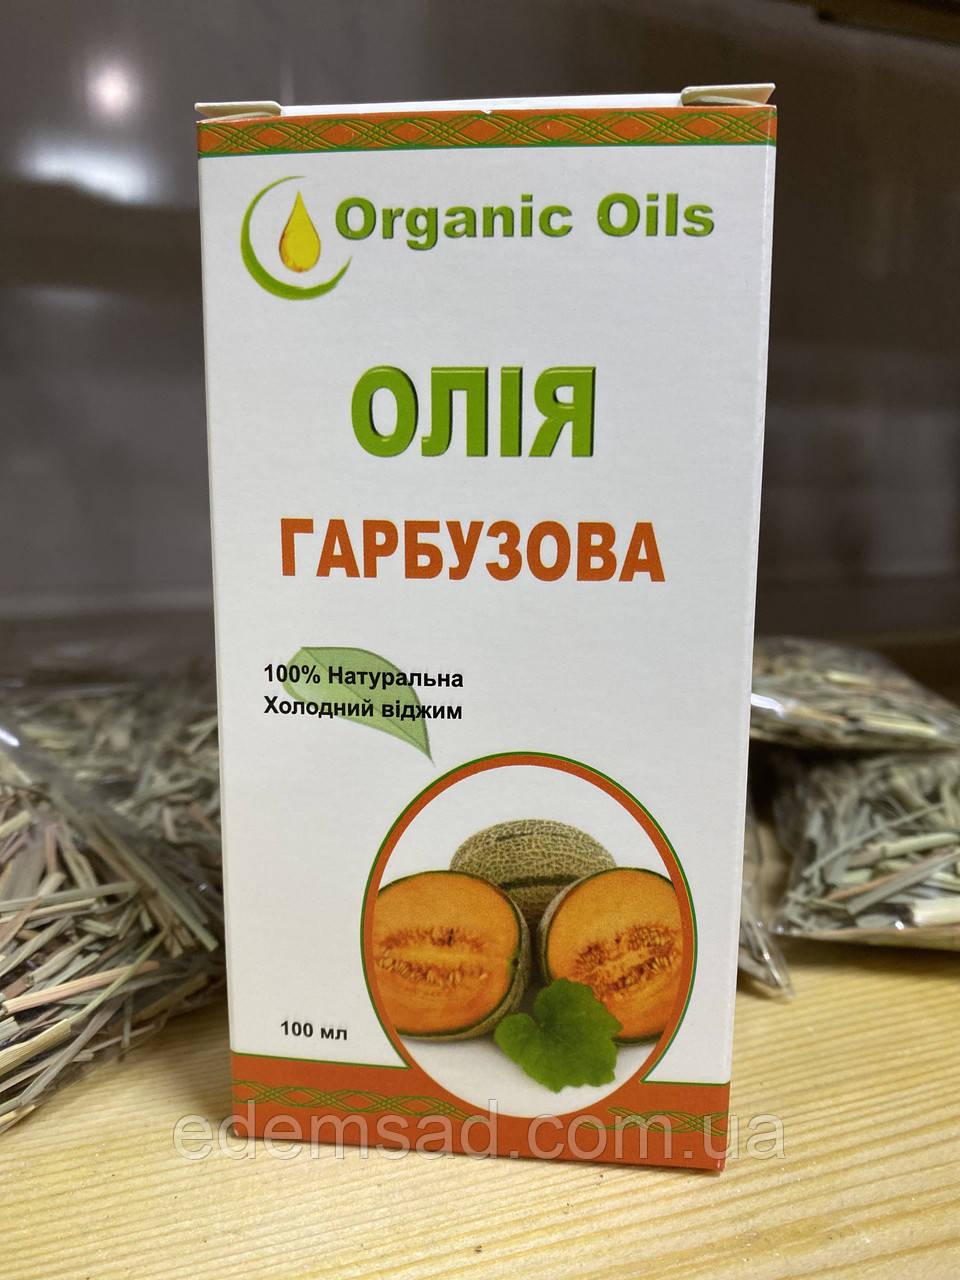 Олія гарбузова Organic Oils, 100 мл